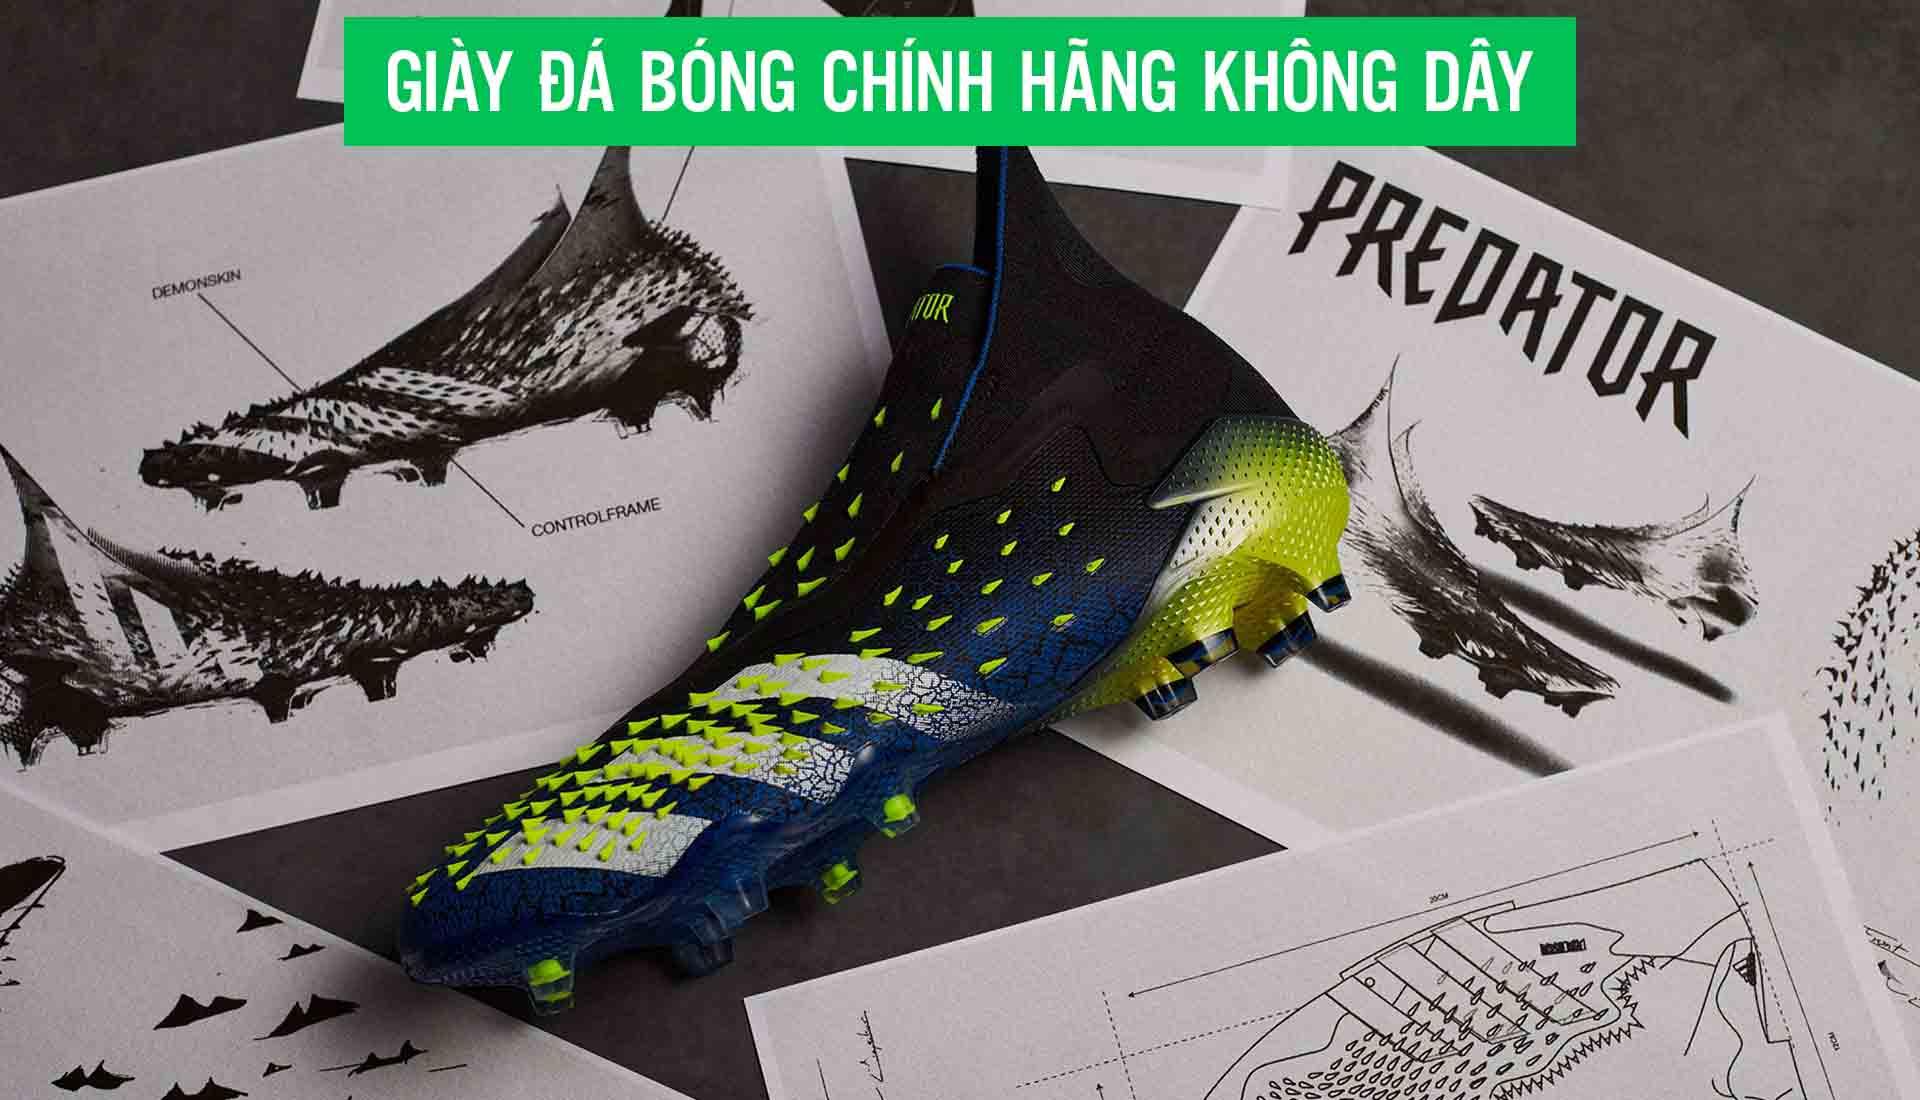 Giay da bong chinh hang khong day cua cau thu